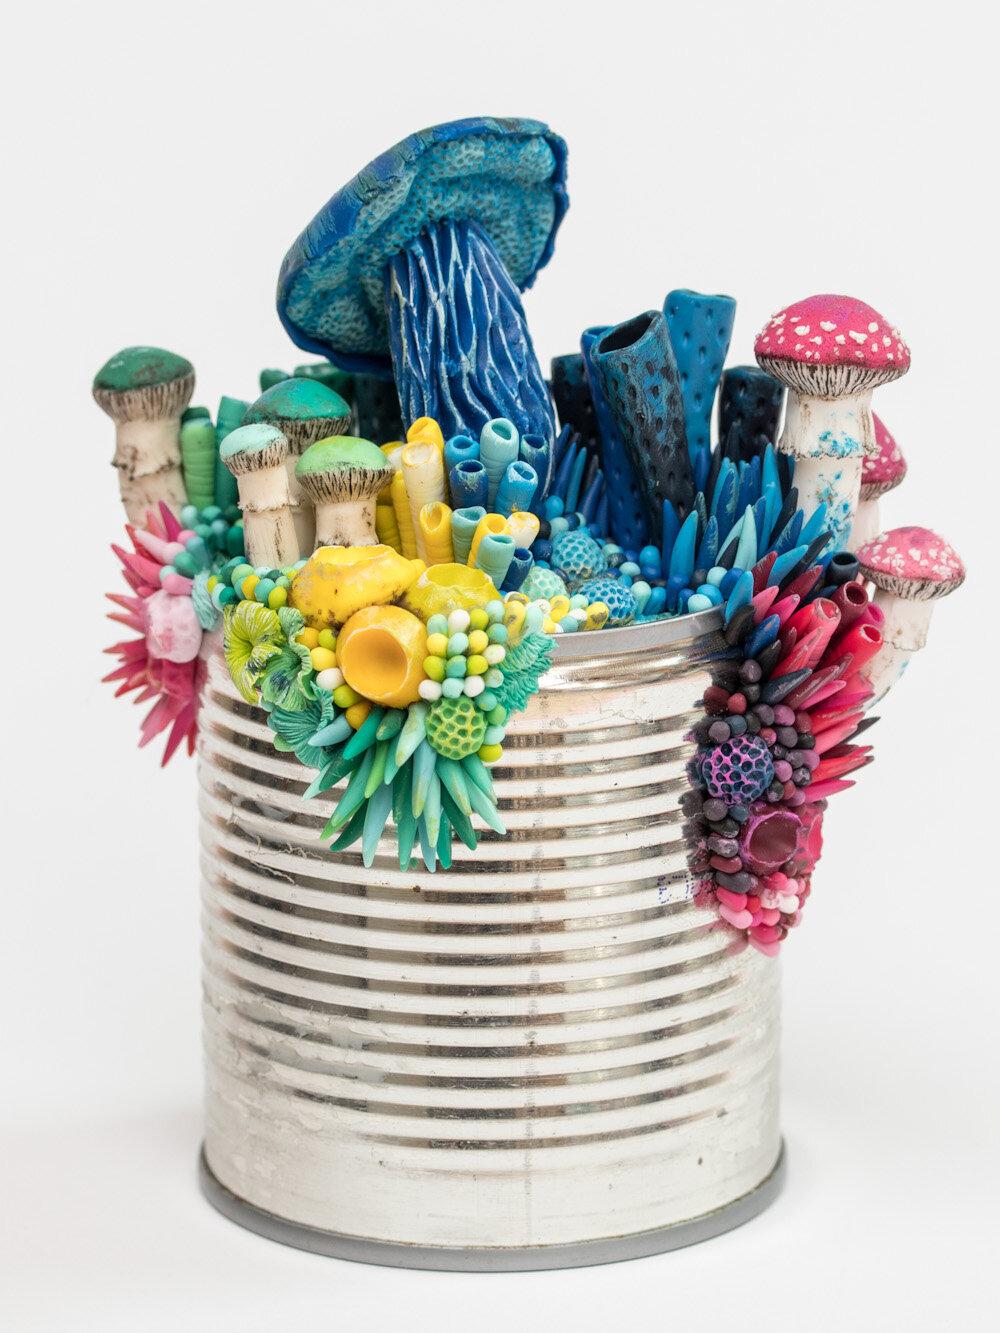 光明的成长,锡罐雕塑,2018年,斯蒂芬妮·基尔加斯特